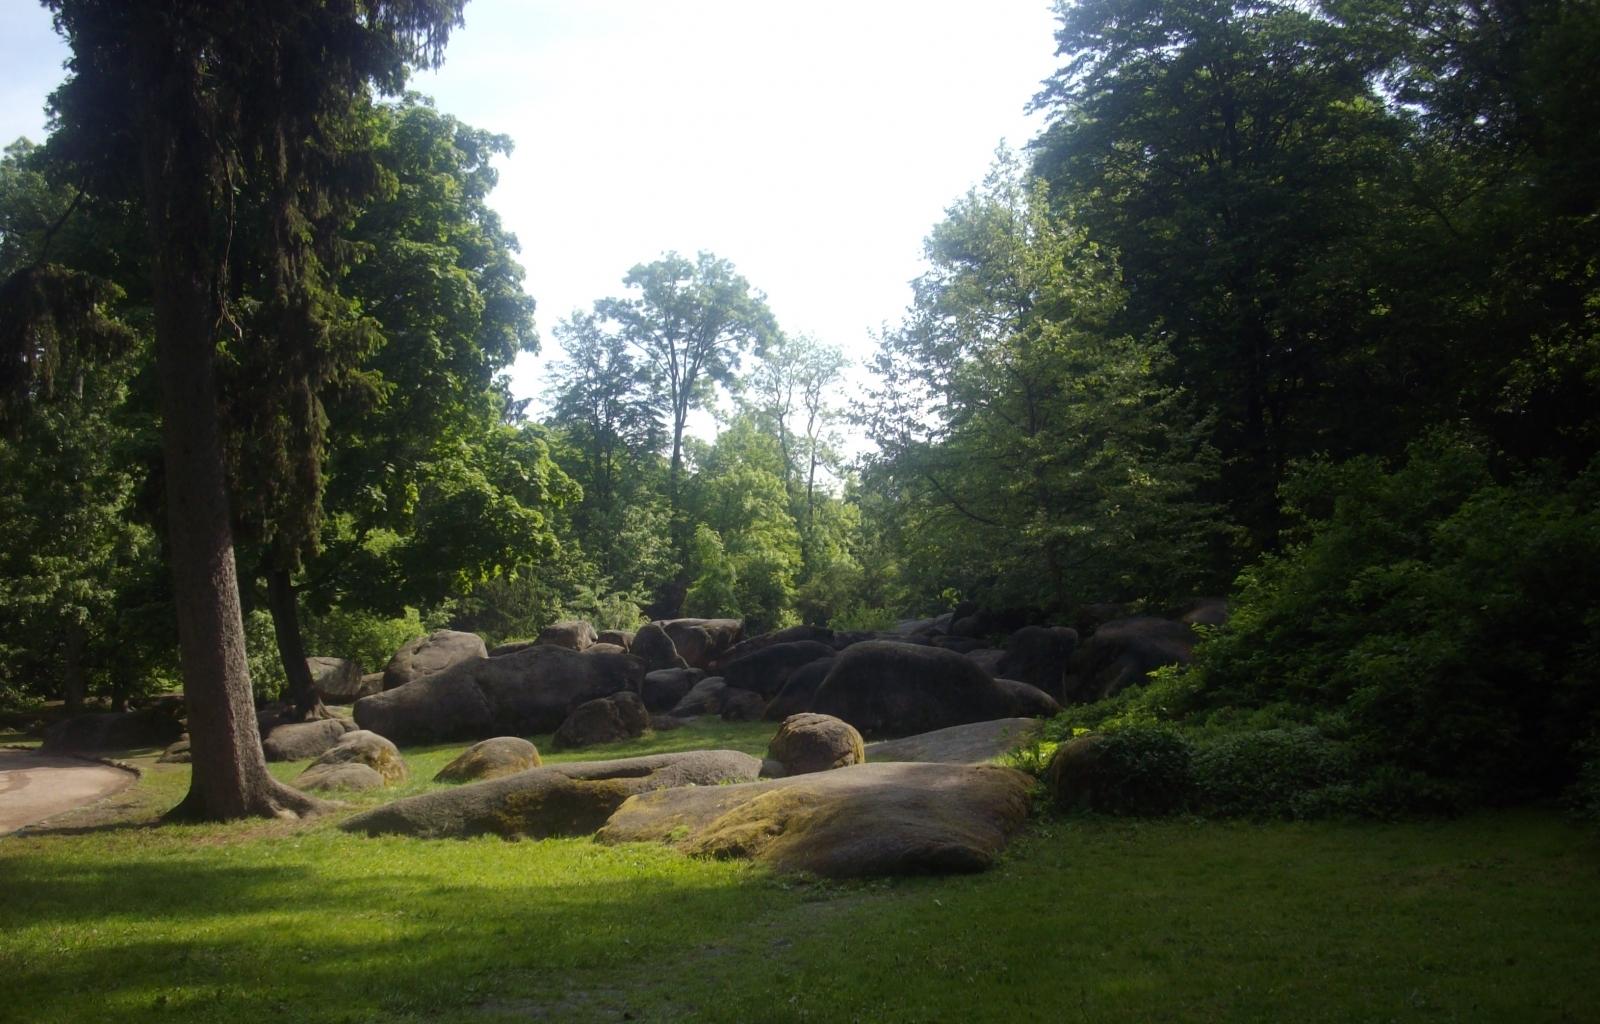 4582 скачать обои Пейзаж, Деревья - заставки и картинки бесплатно